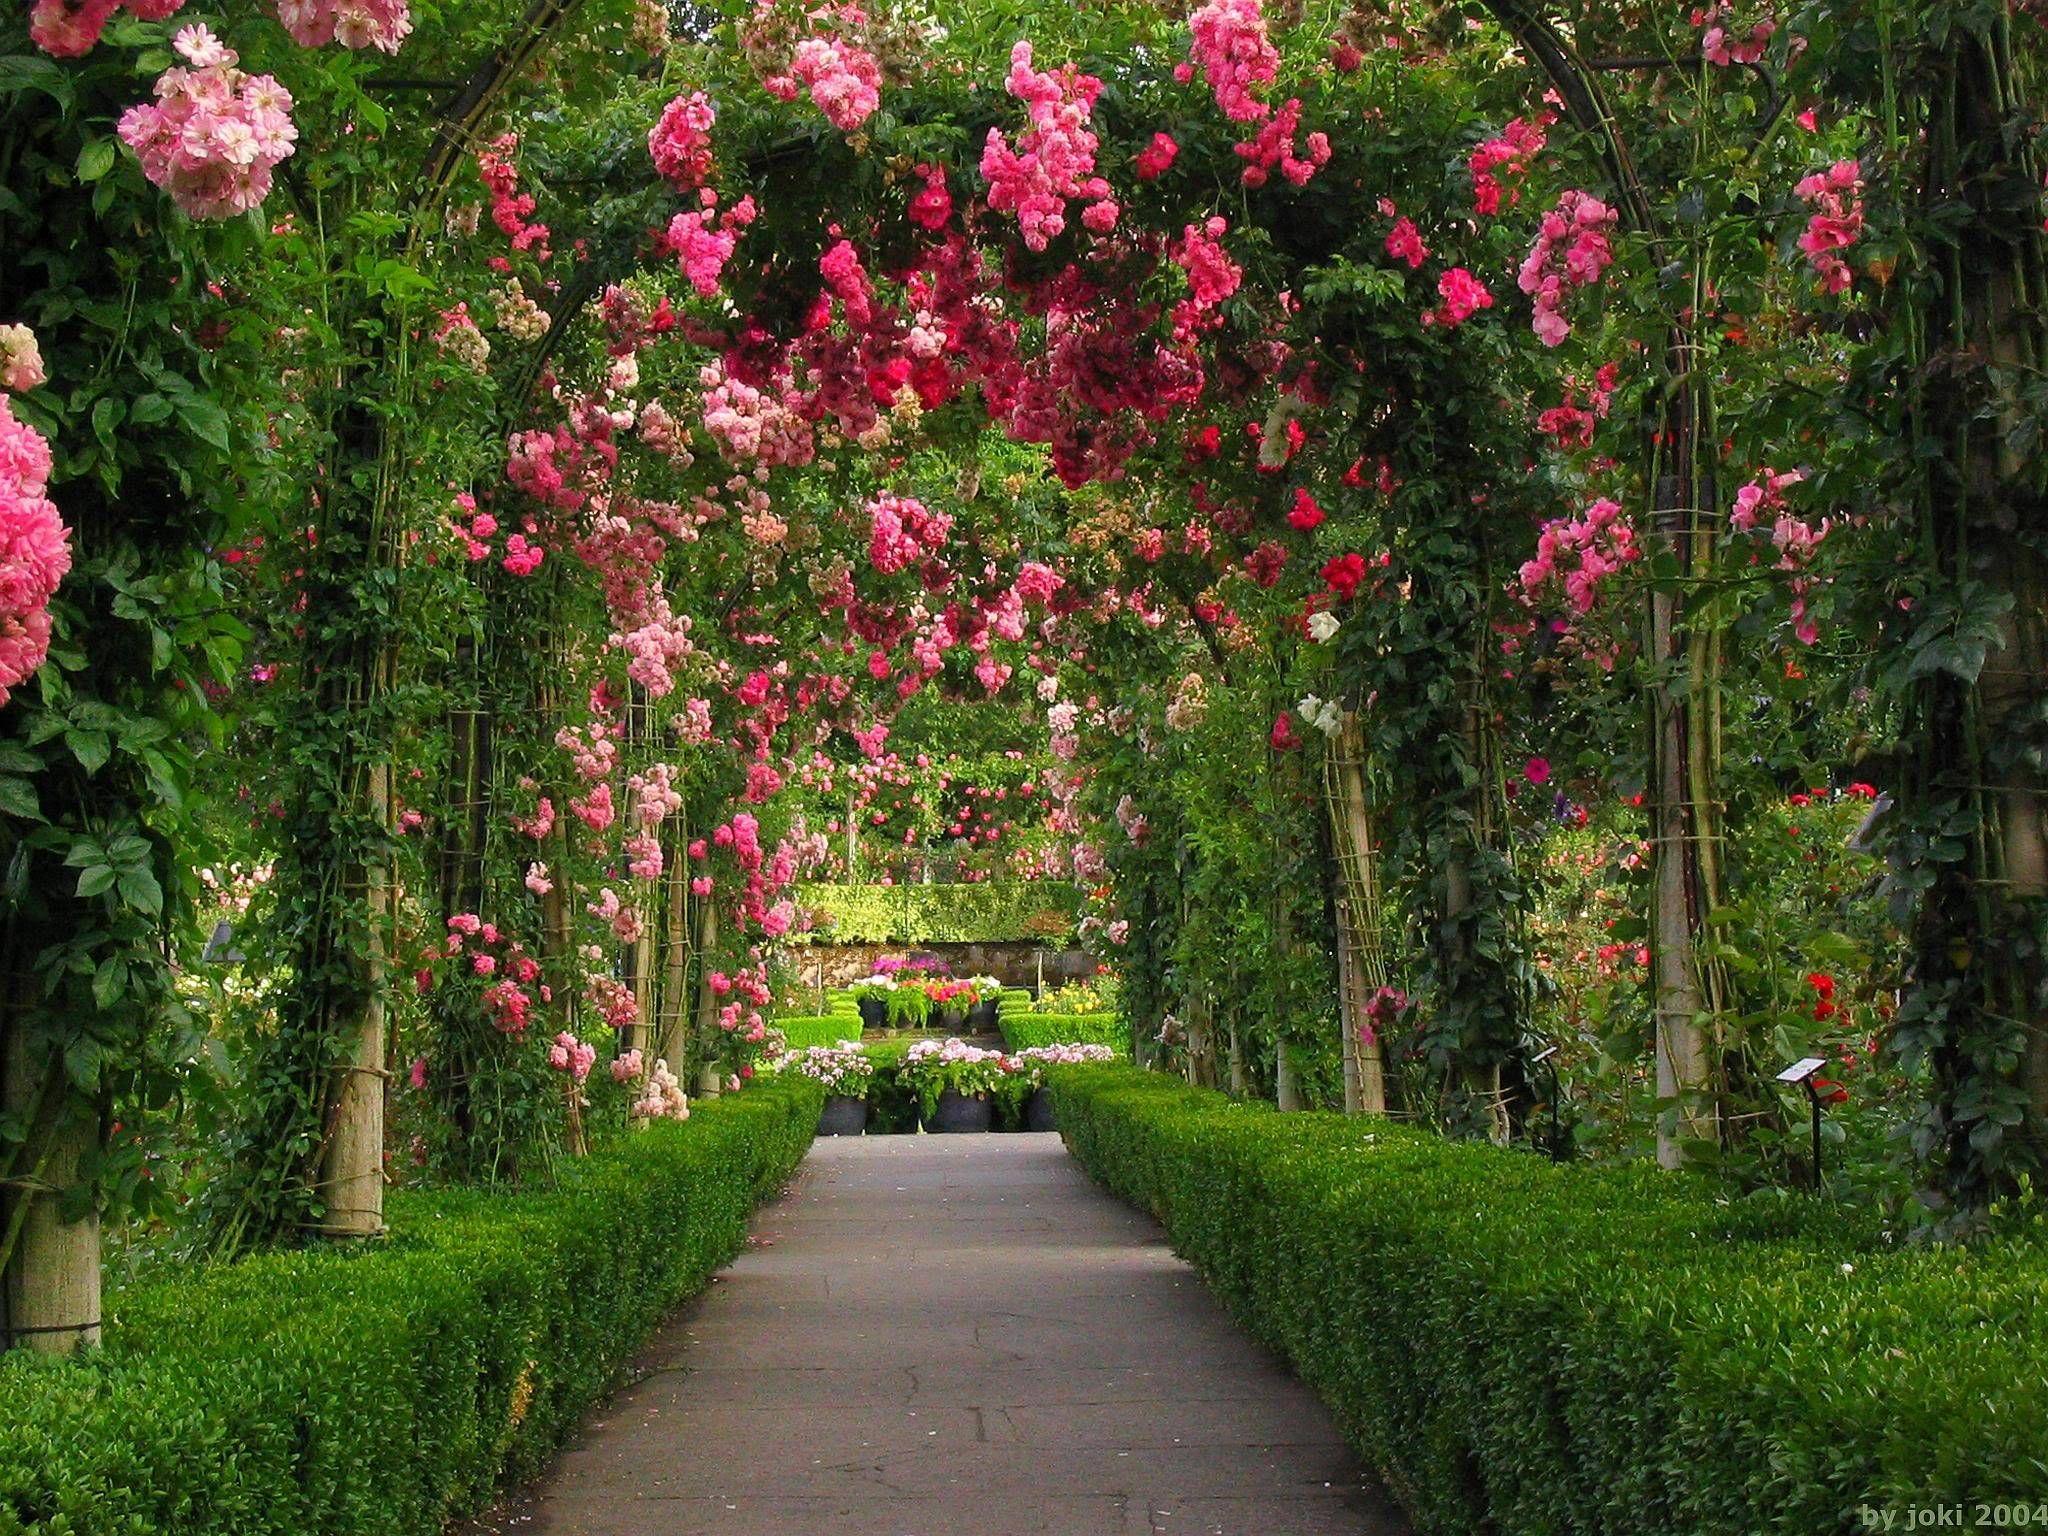 Flower Garden Wallpaper rose garden wallpapers wallpaper | hd wallpapers | pinterest